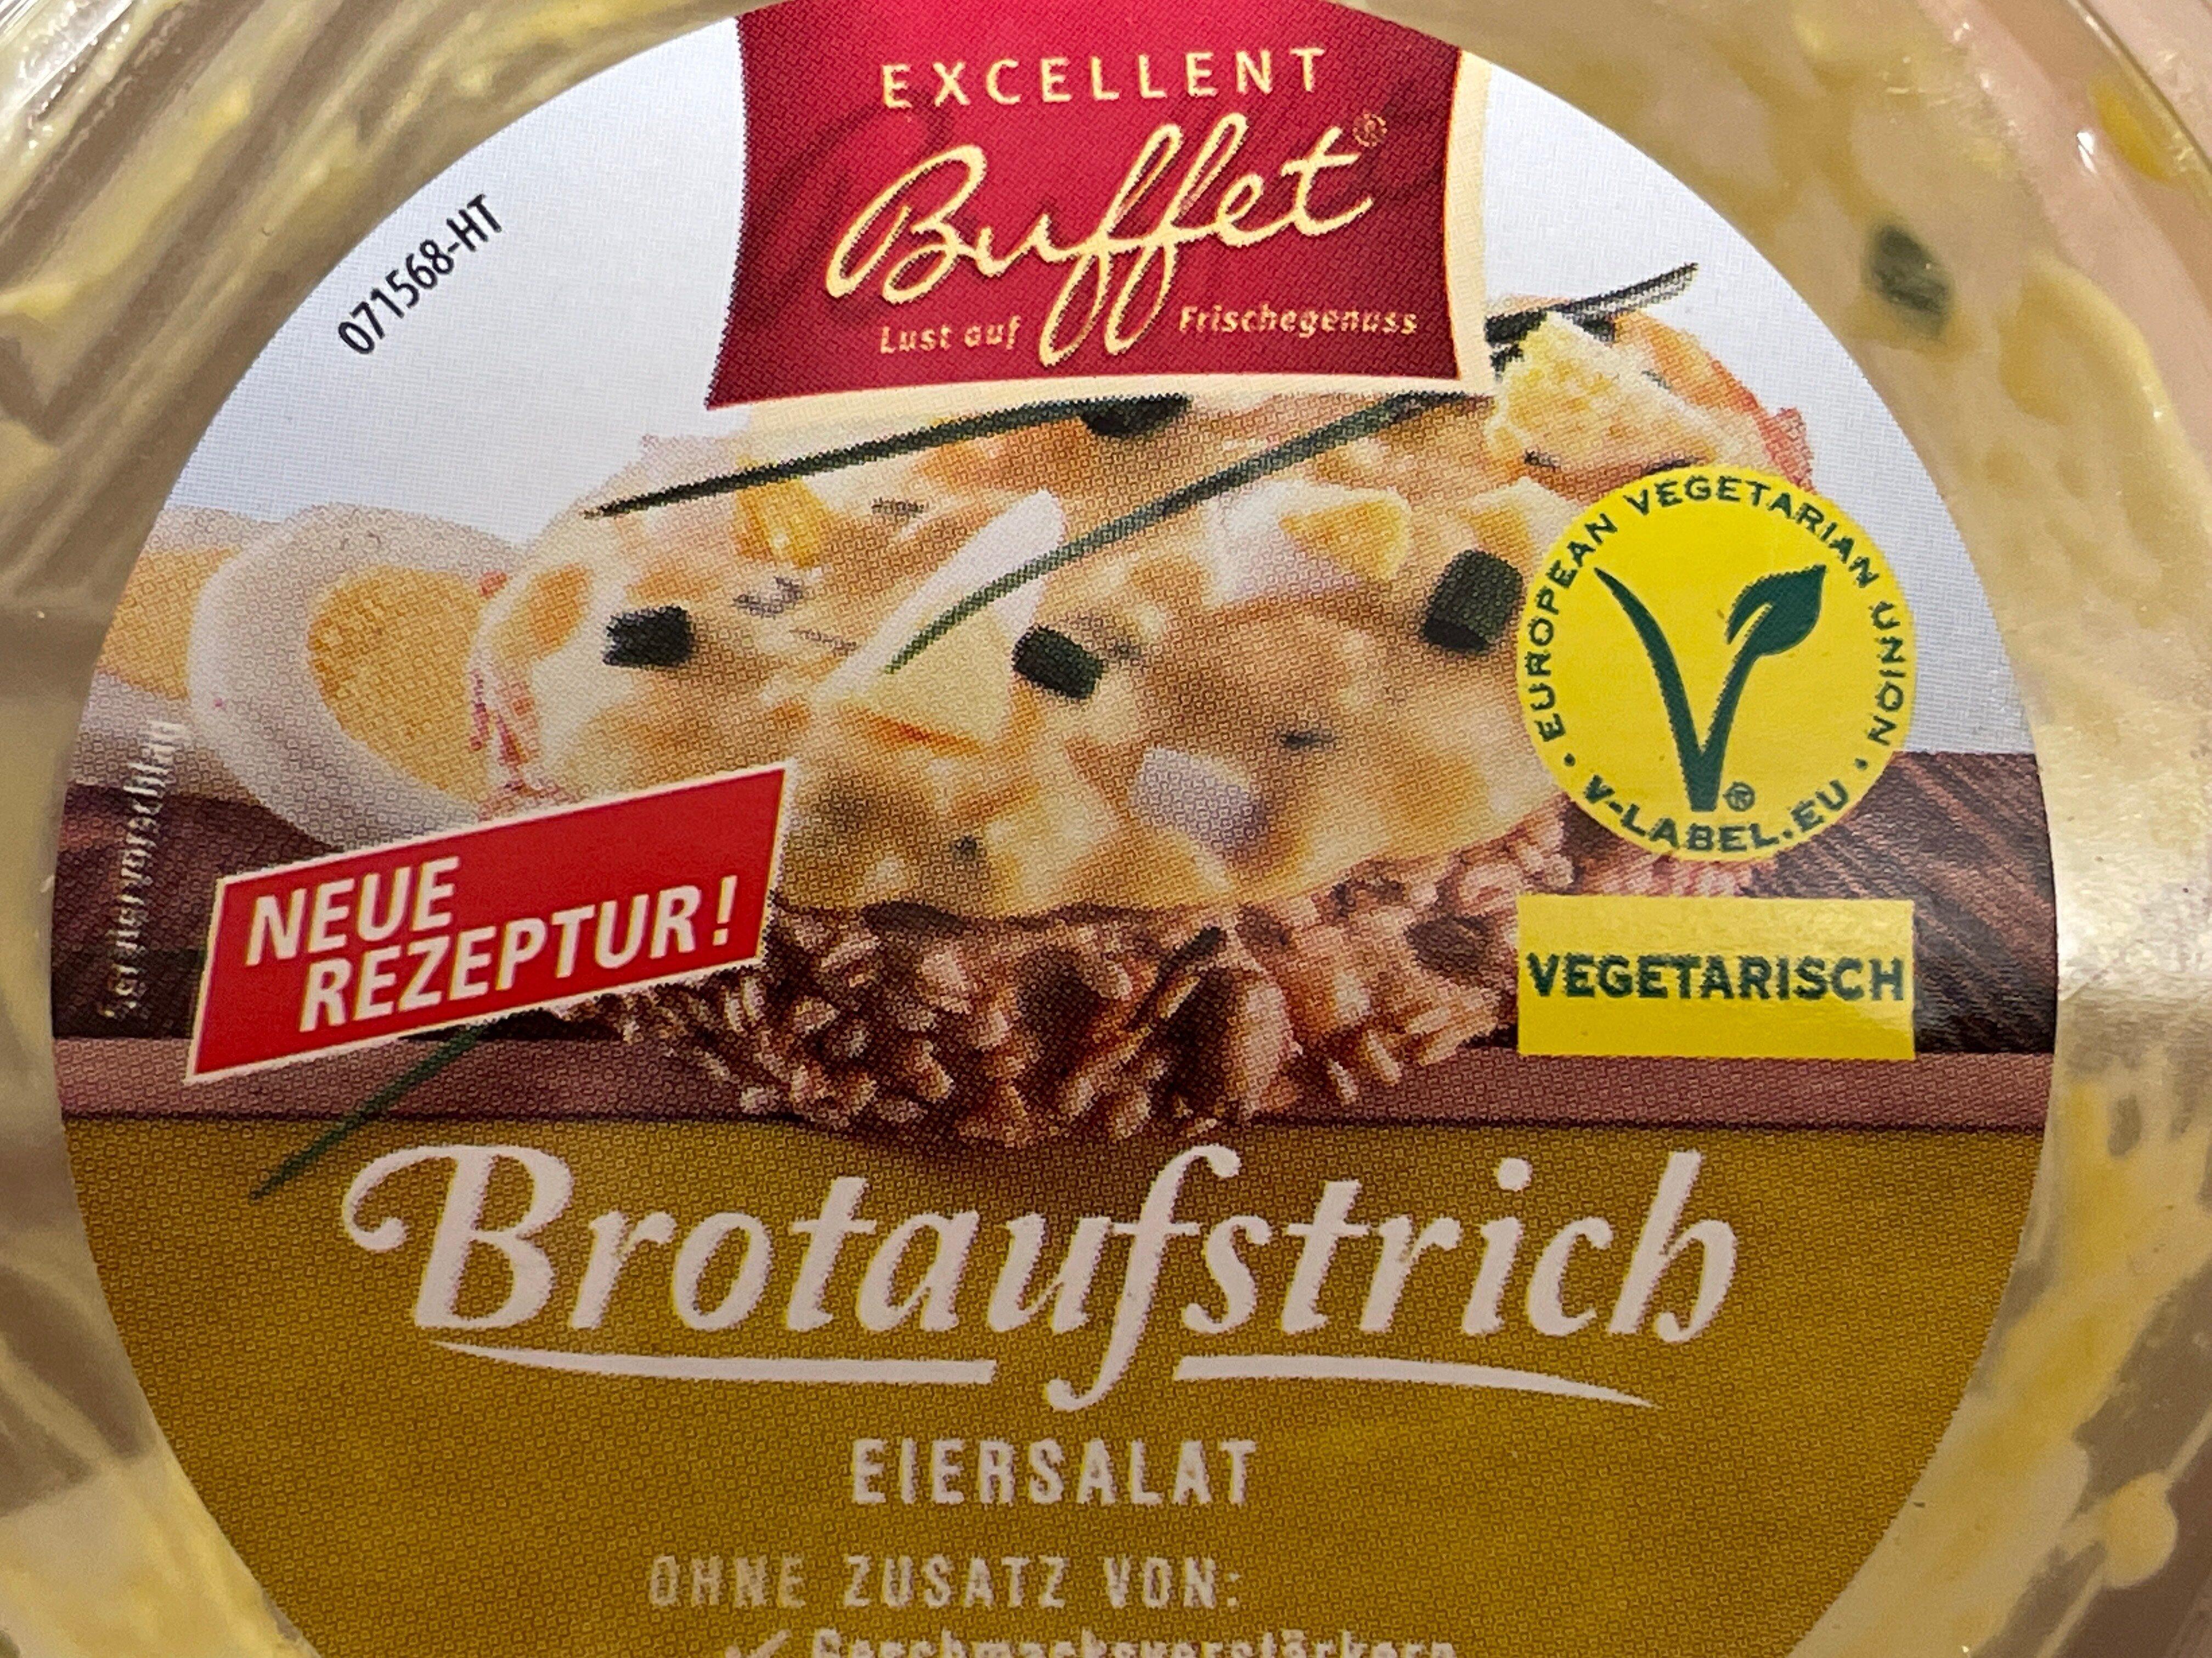 Brotaufstrich Eiersalat - Produit - de